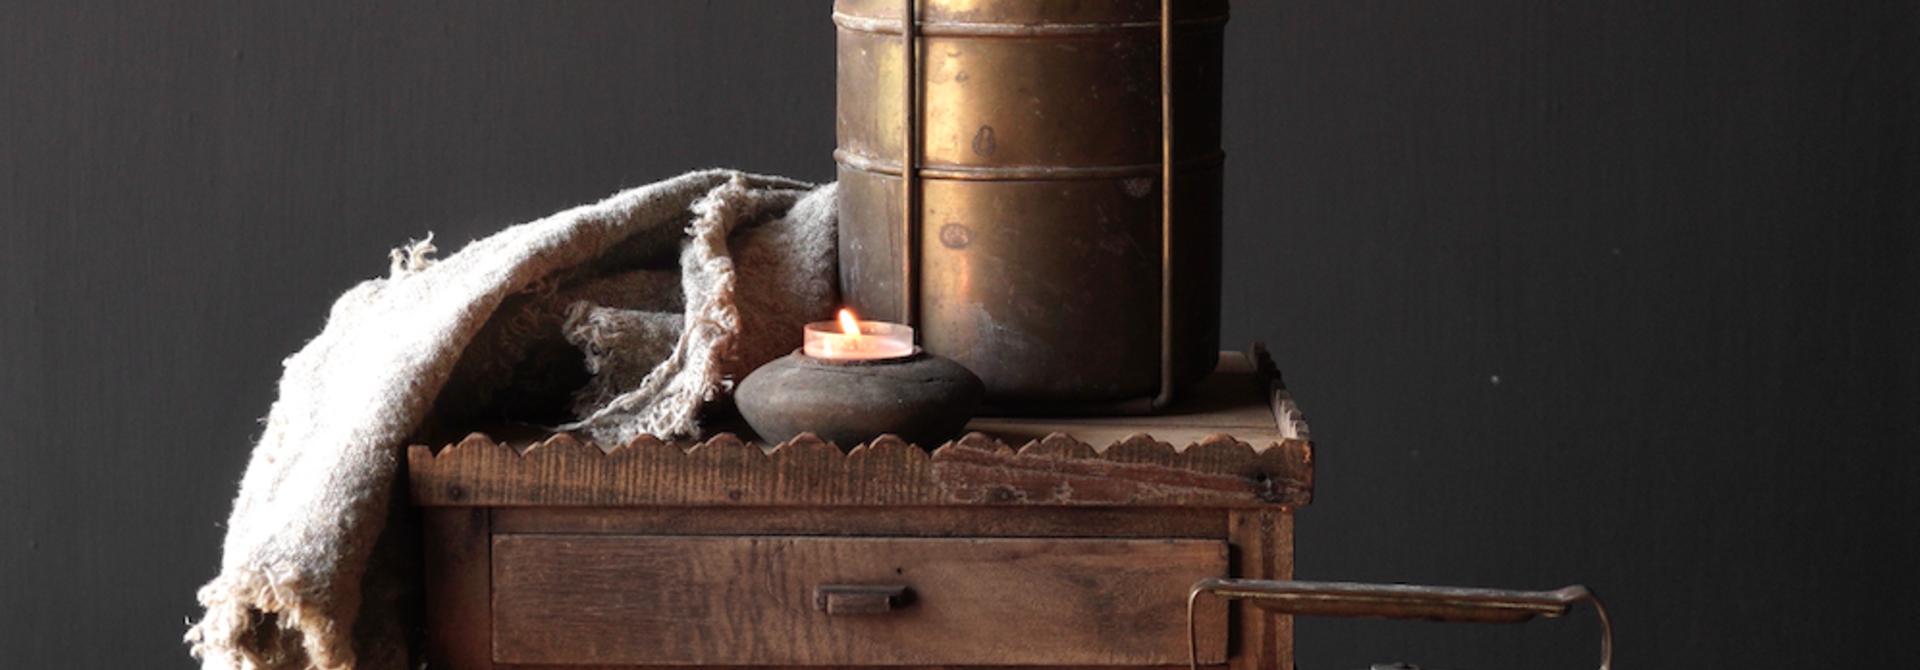 Antike indische Brotdose aus Kupfer